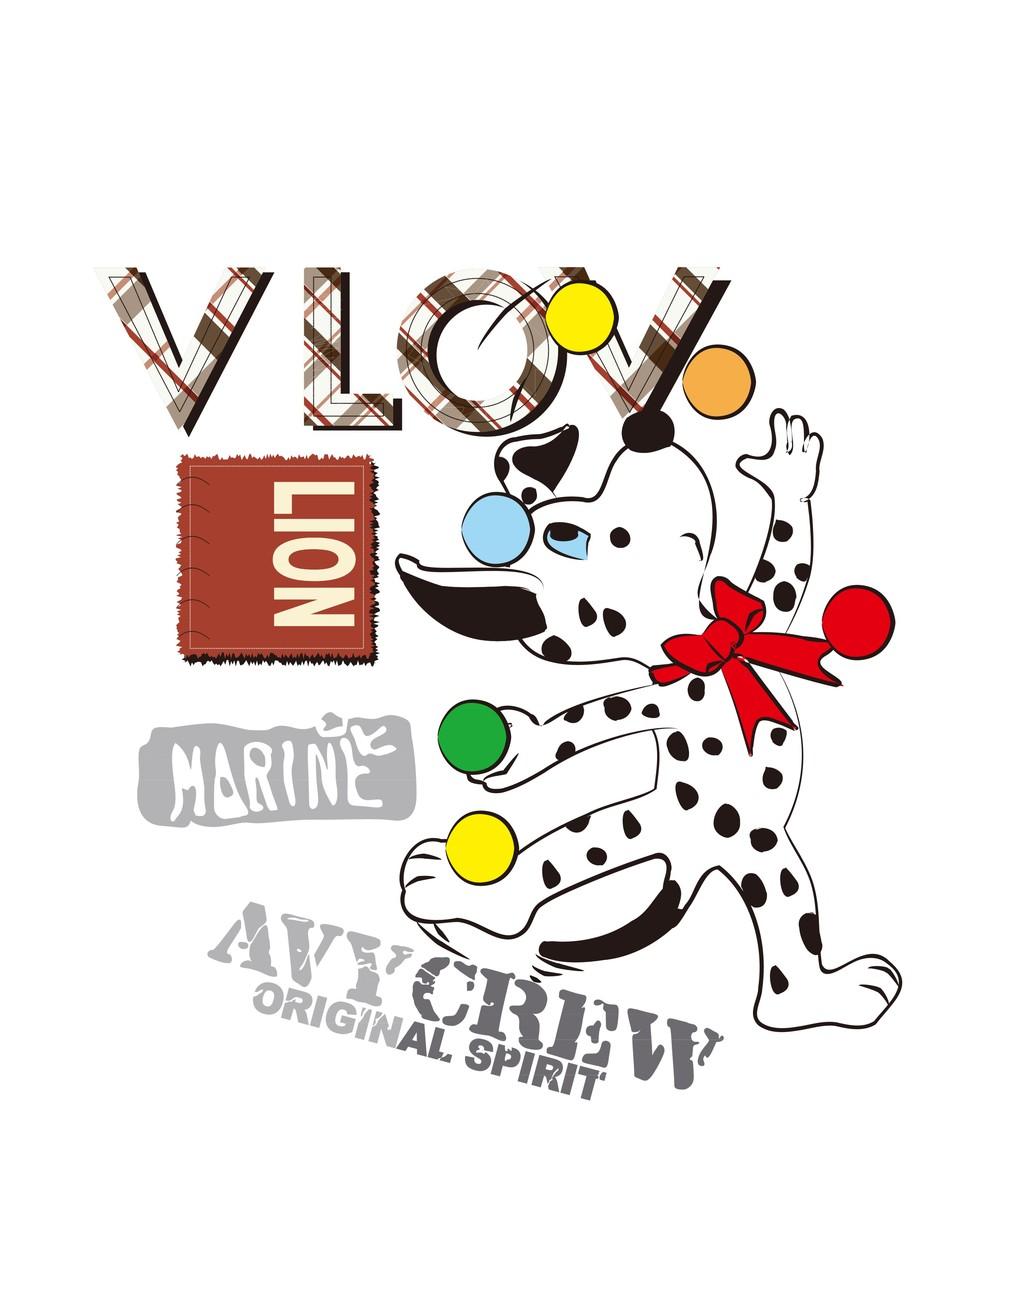 卡通动物场景插画小狗英文字体效果图片